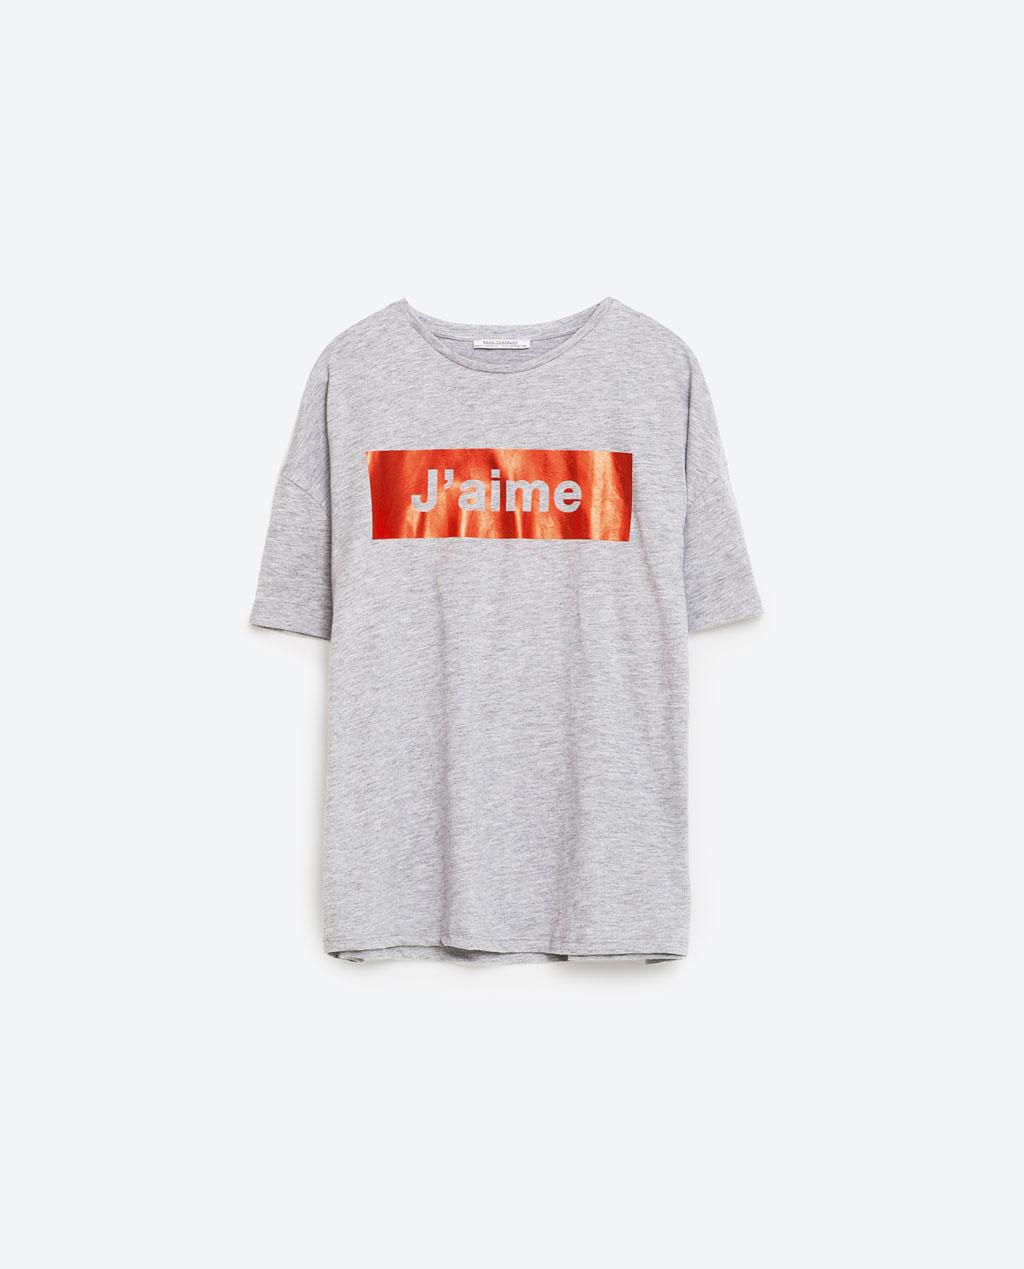 http://www.zara.com/us/en/sale/woman/t-shirts/short-sleeve/text-t-shirt-c698570p3996017.html